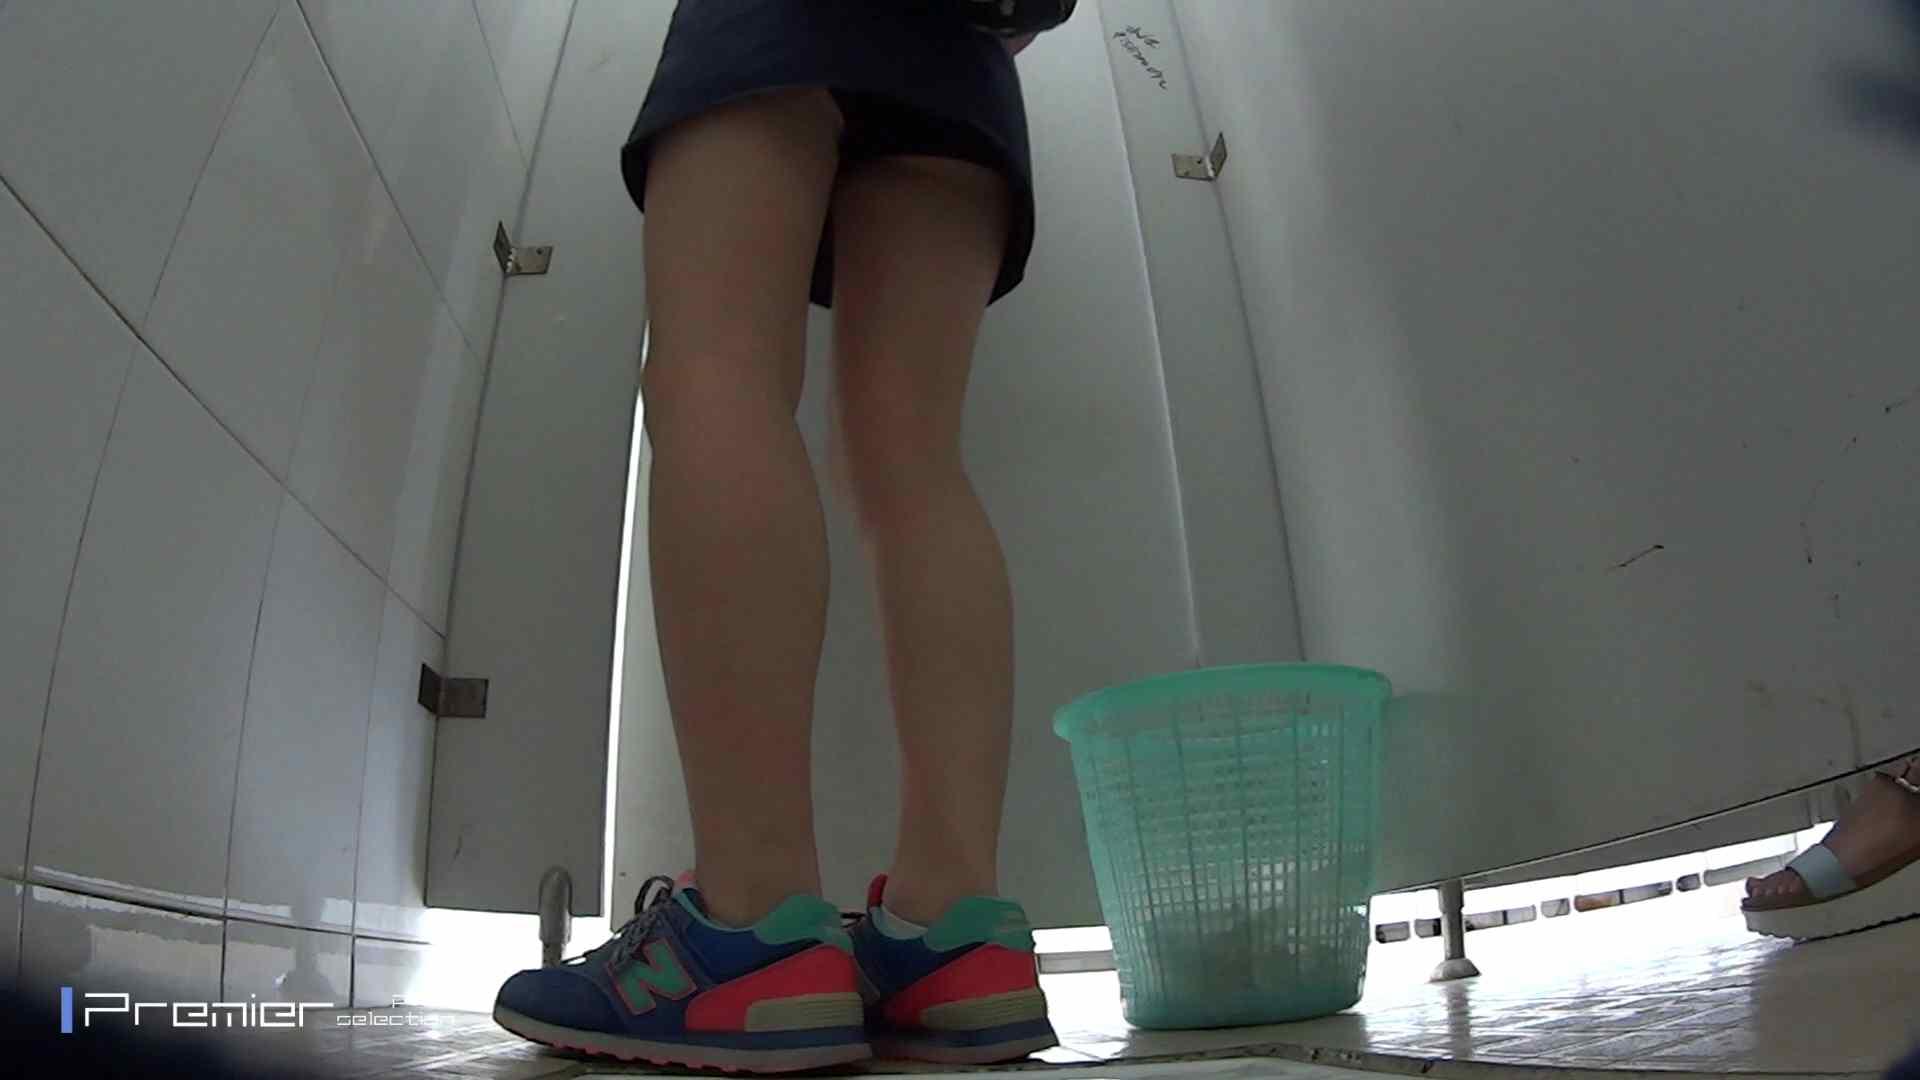 美しい女良たちのトイレ事情 有名大学休憩時間の洗面所事情06 丸見え おまんこ動画流出 90枚 39